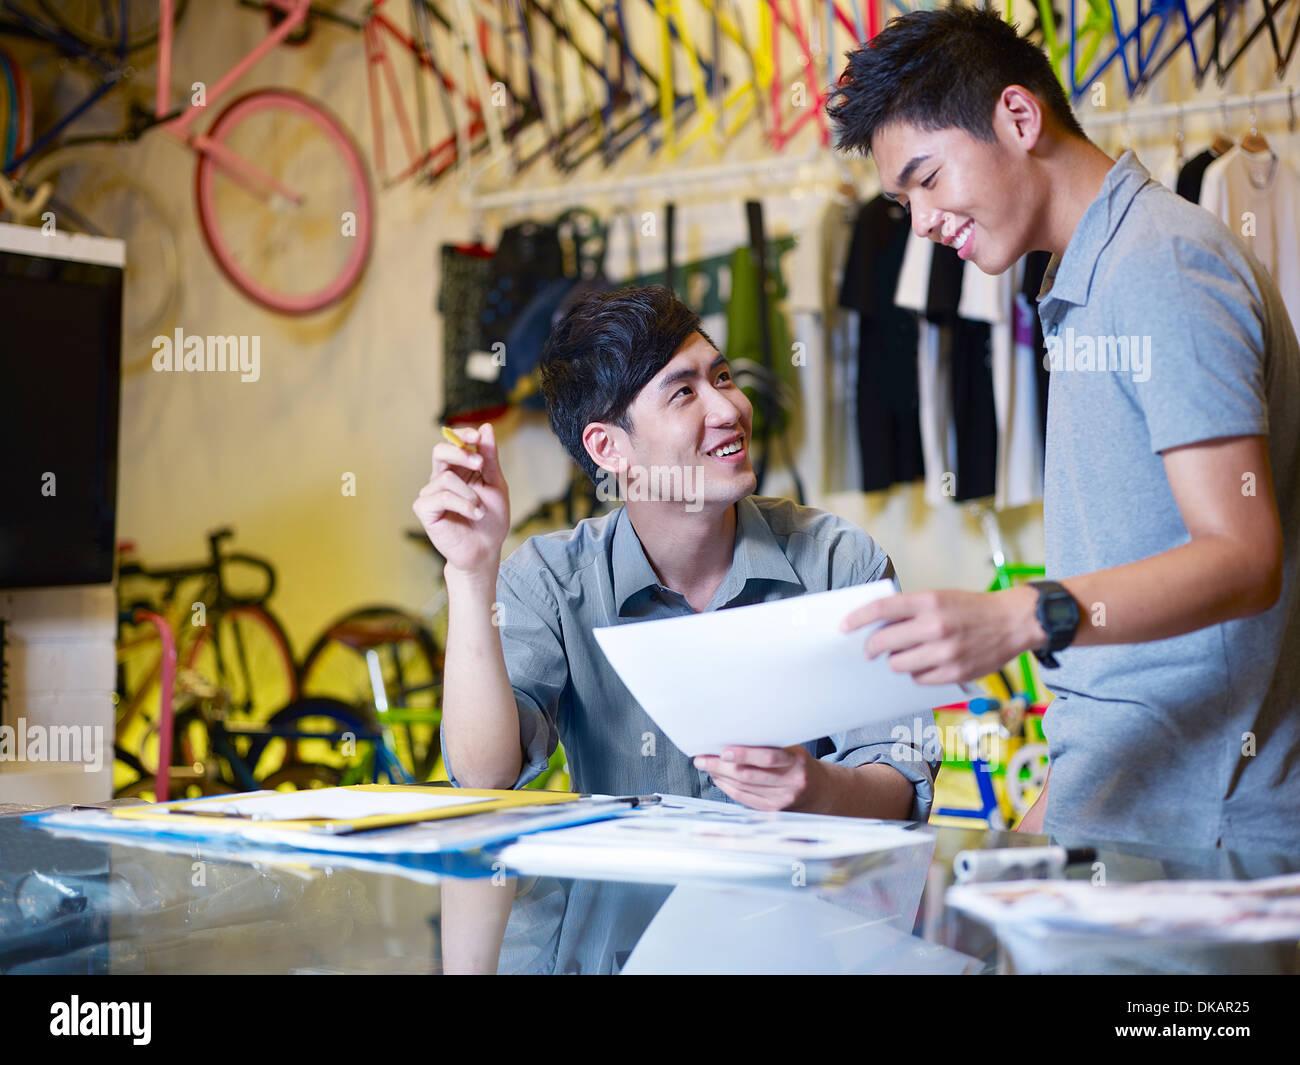 Zwei junge Männer mit Papierkram im Bike-shop Stockfoto